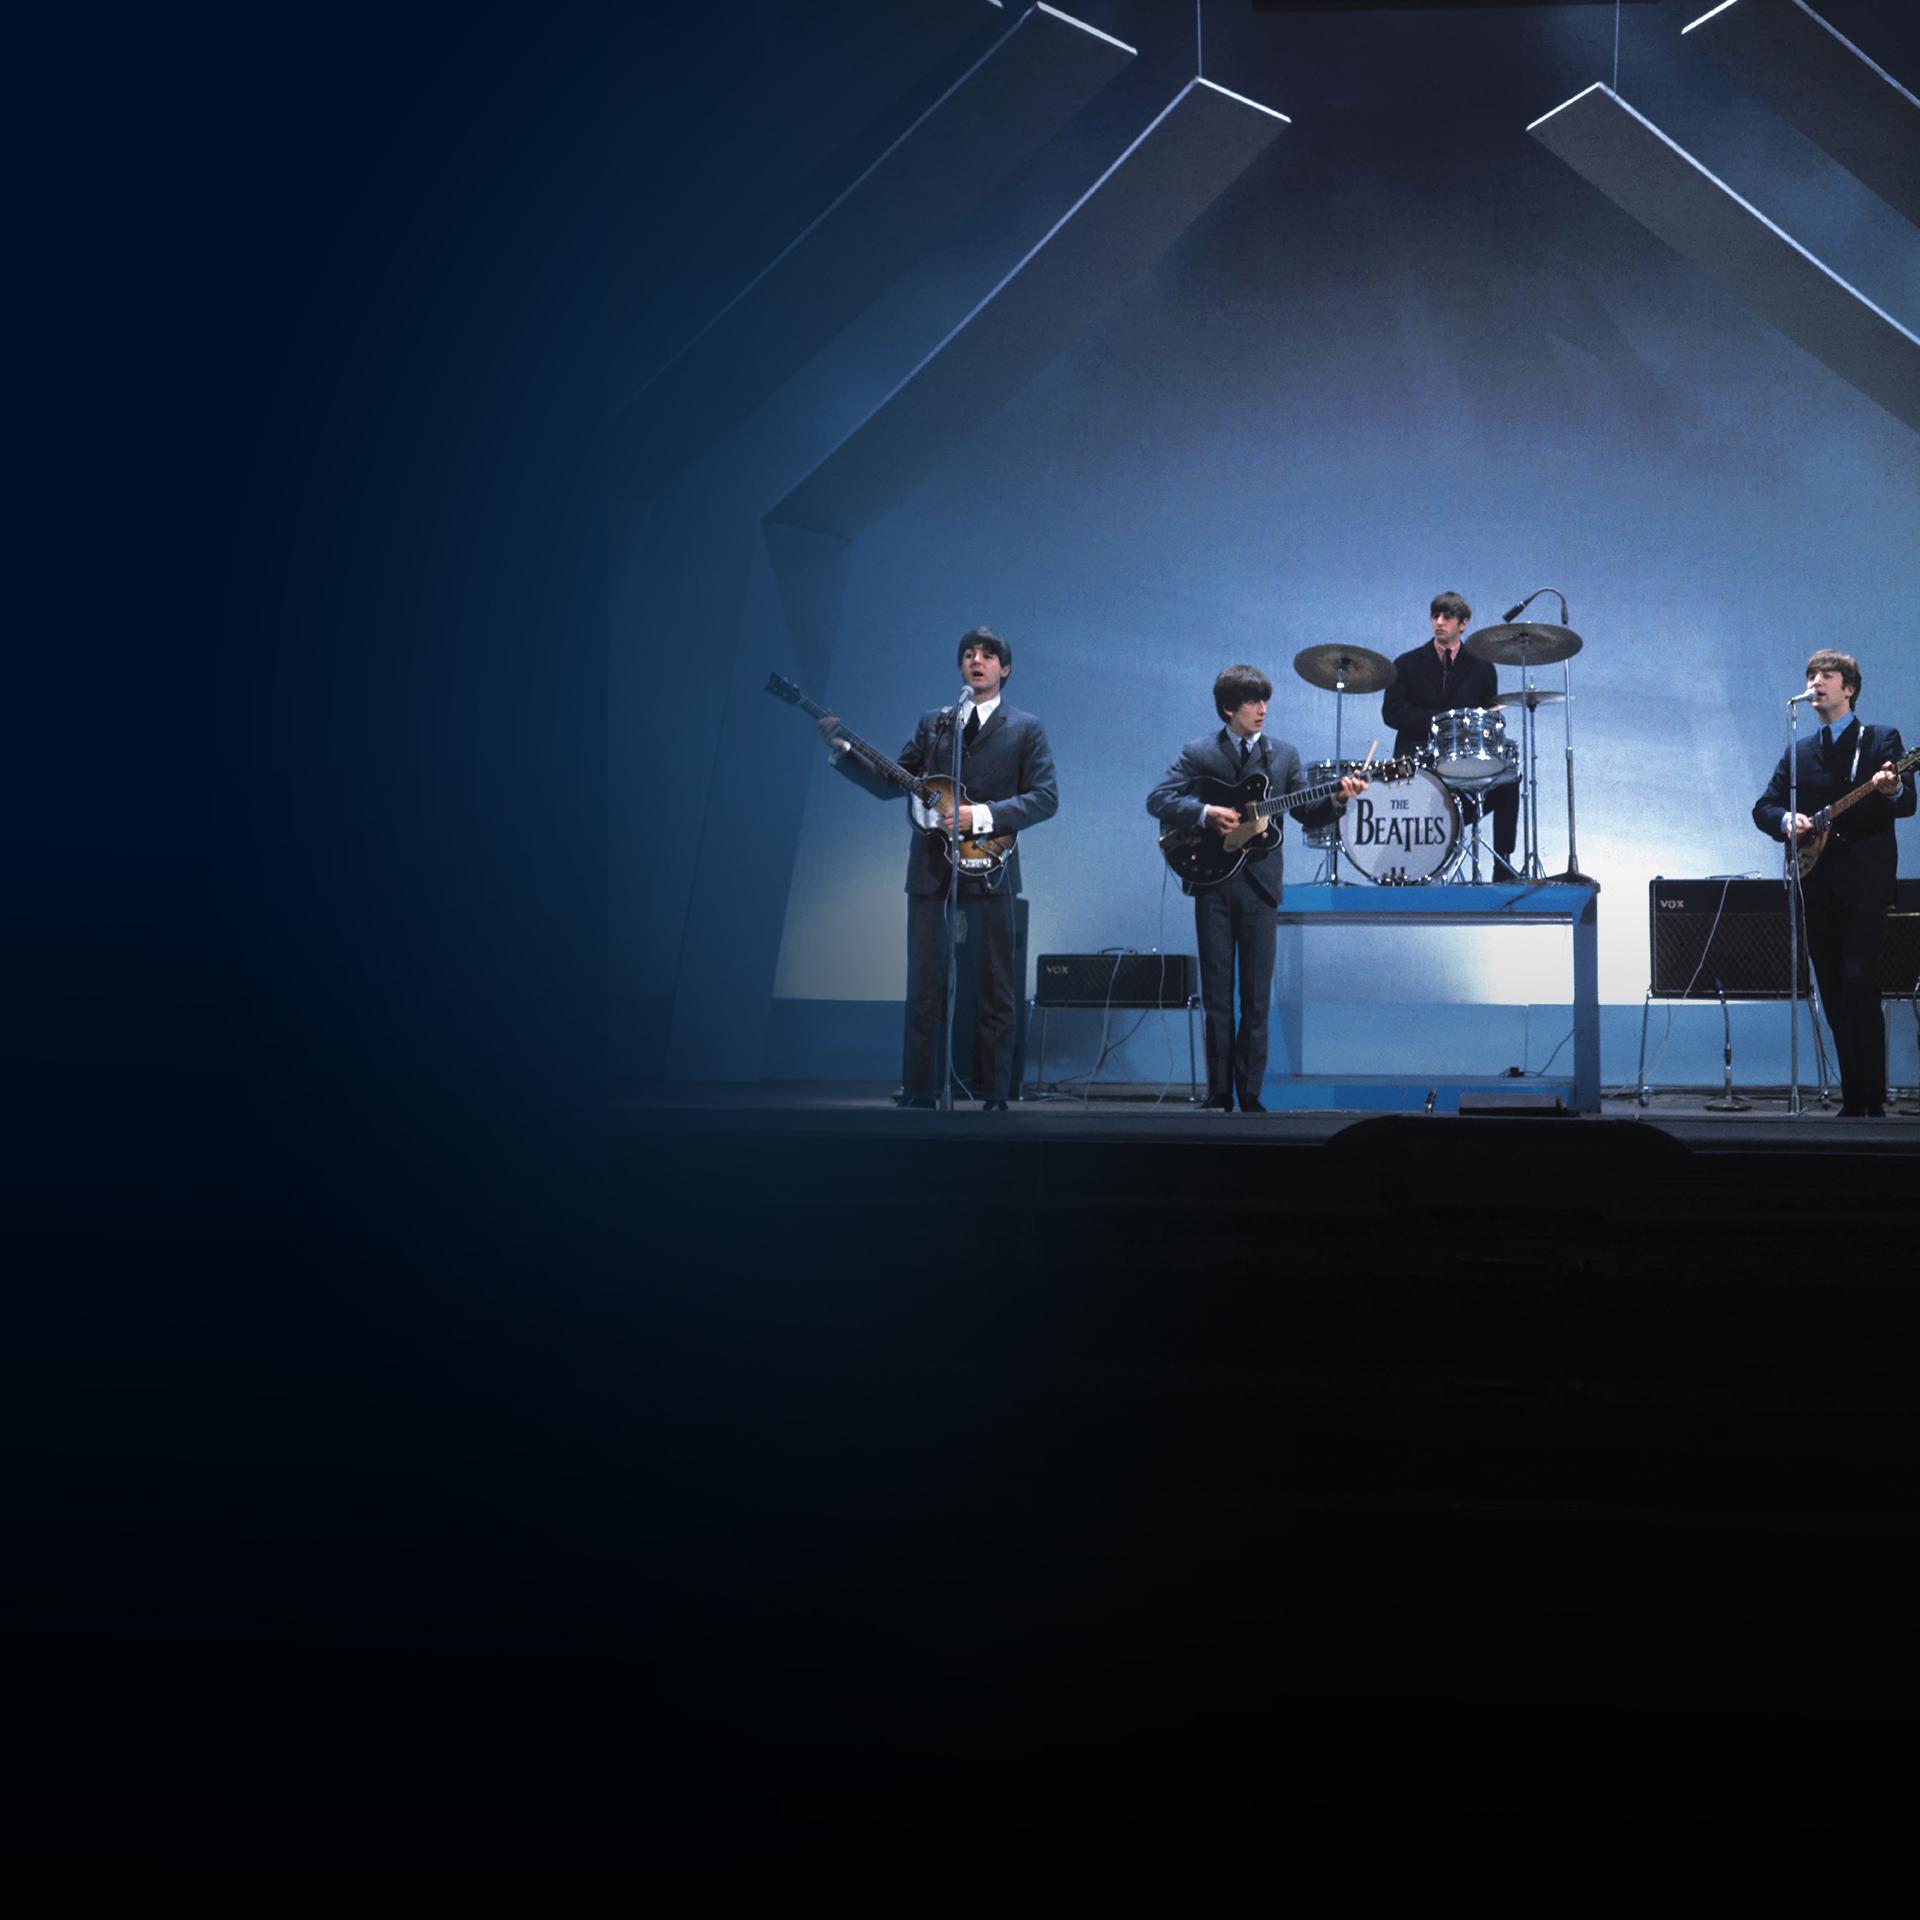 Magical Mini Concert